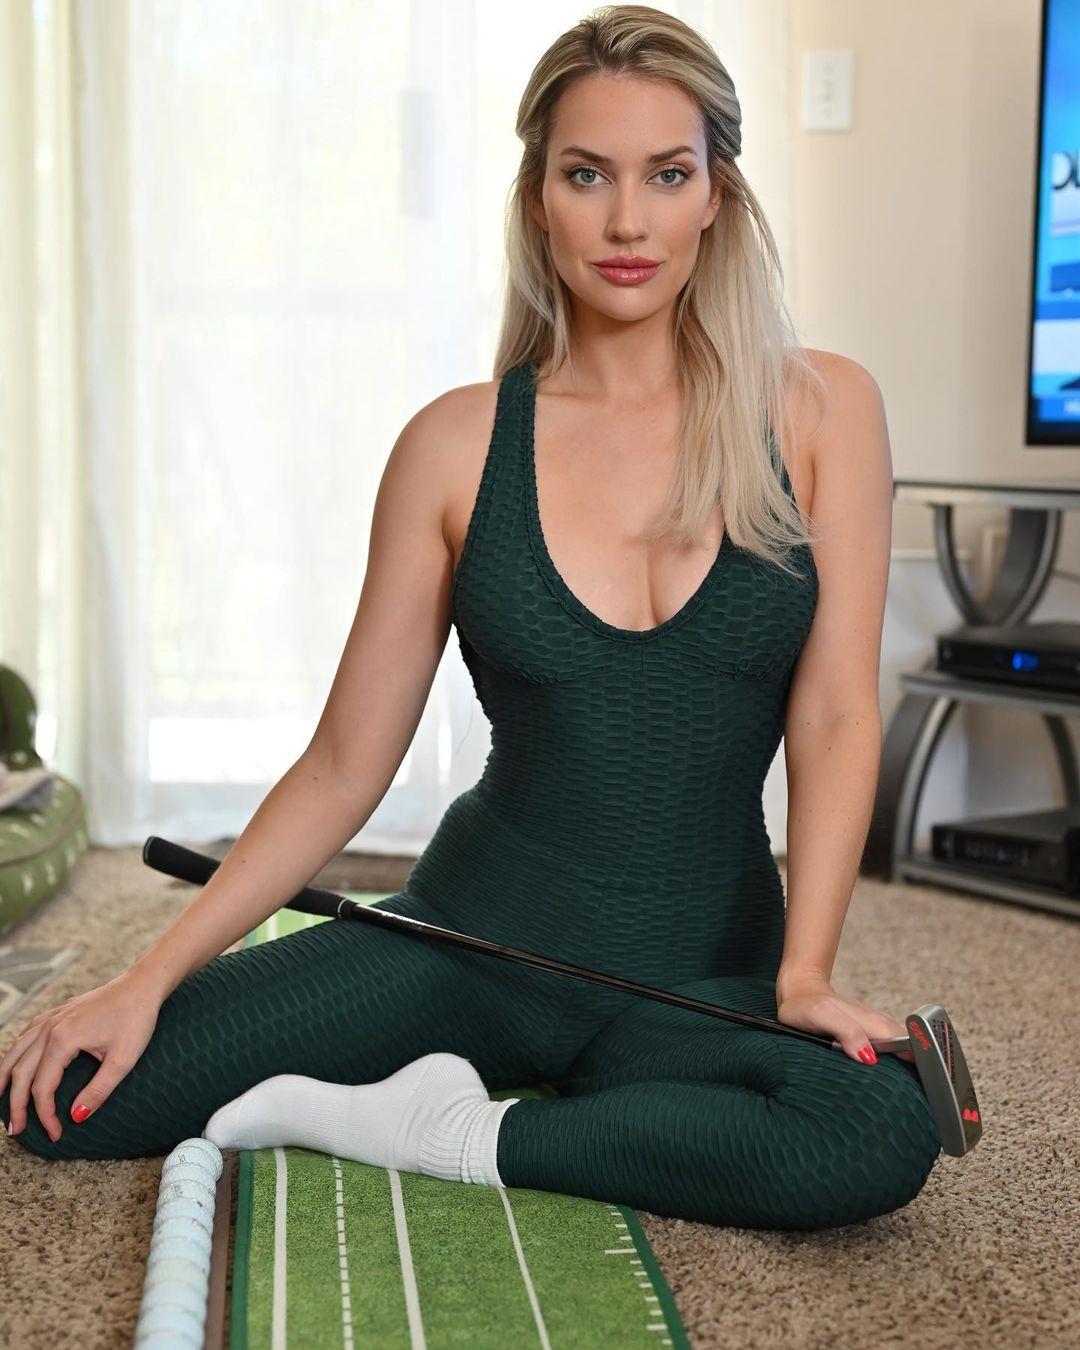 Paige Spiranac (Пейдж Спиранак) - Самая сексуальная гольфистка в Мире 10